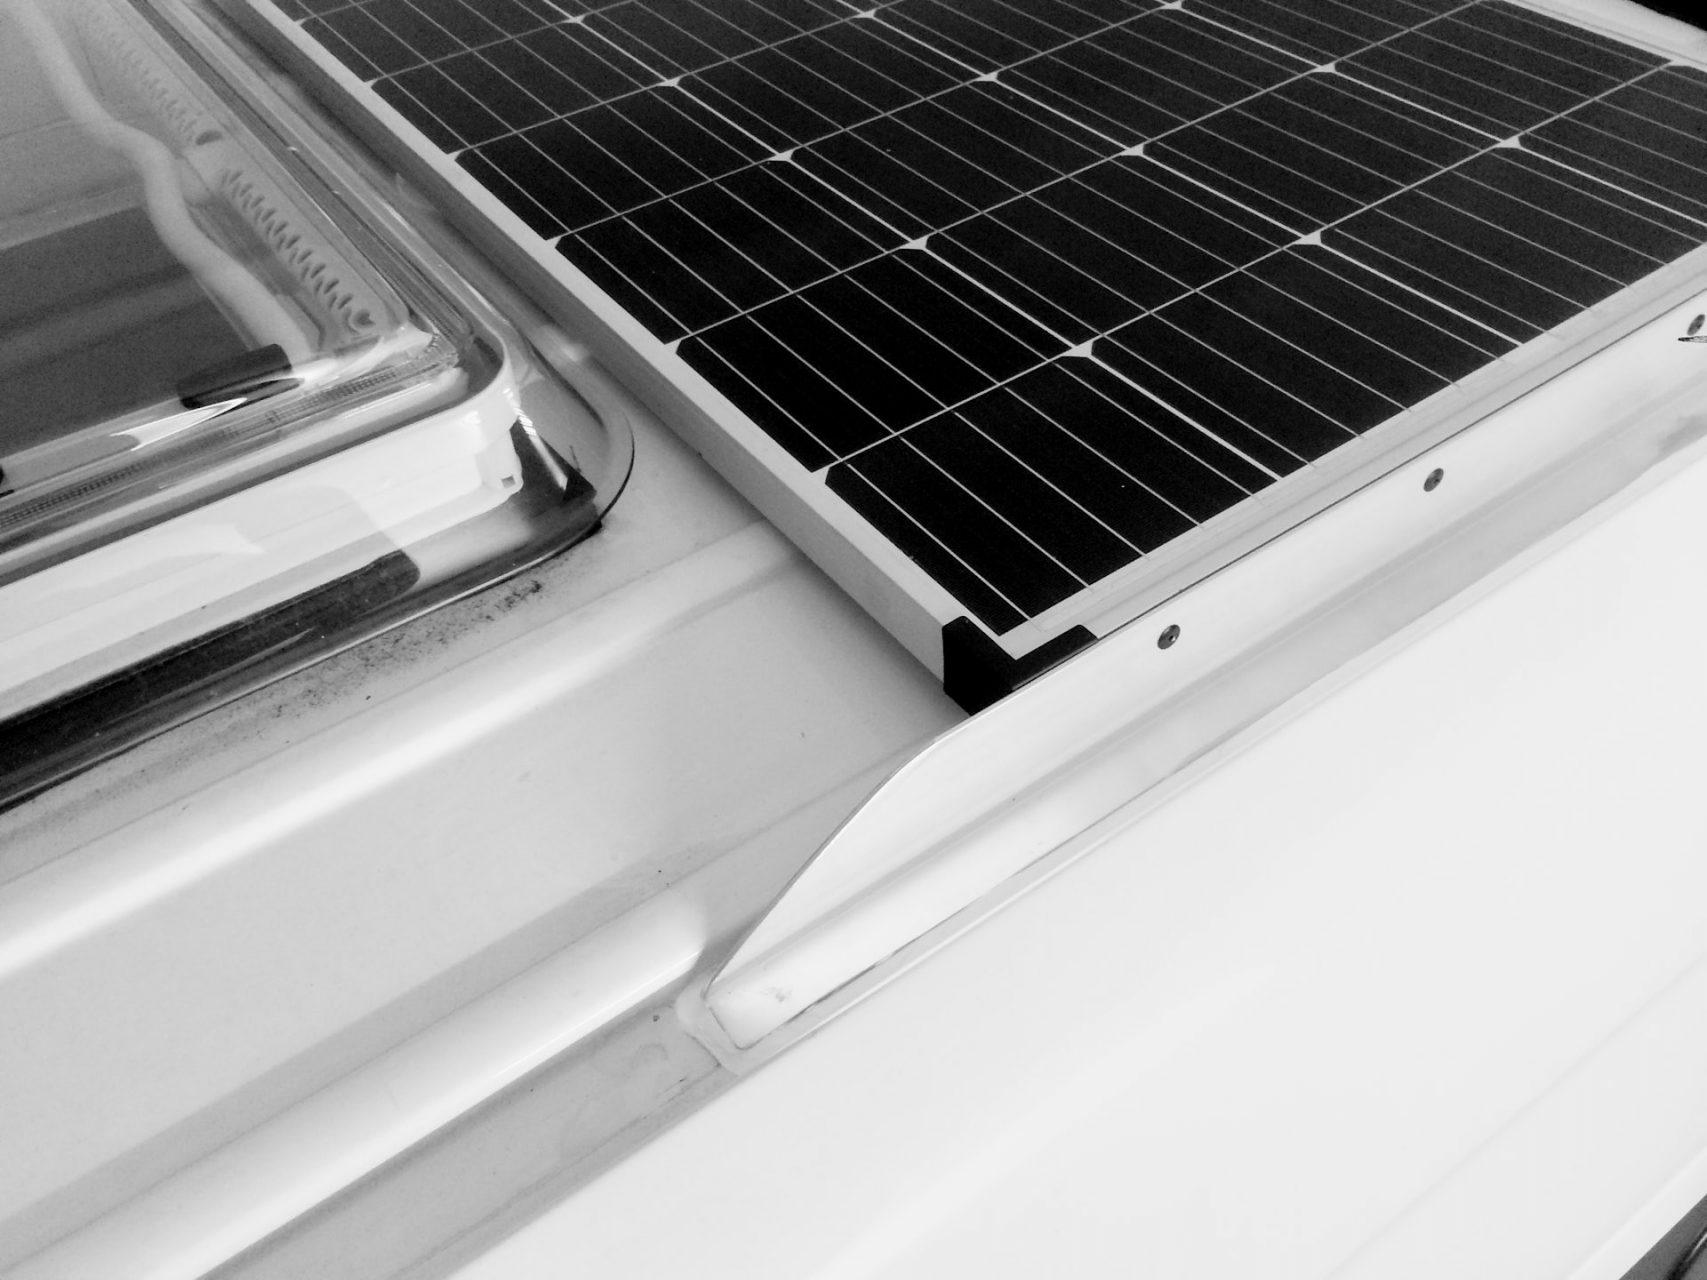 Solarpanel auf Sprinter